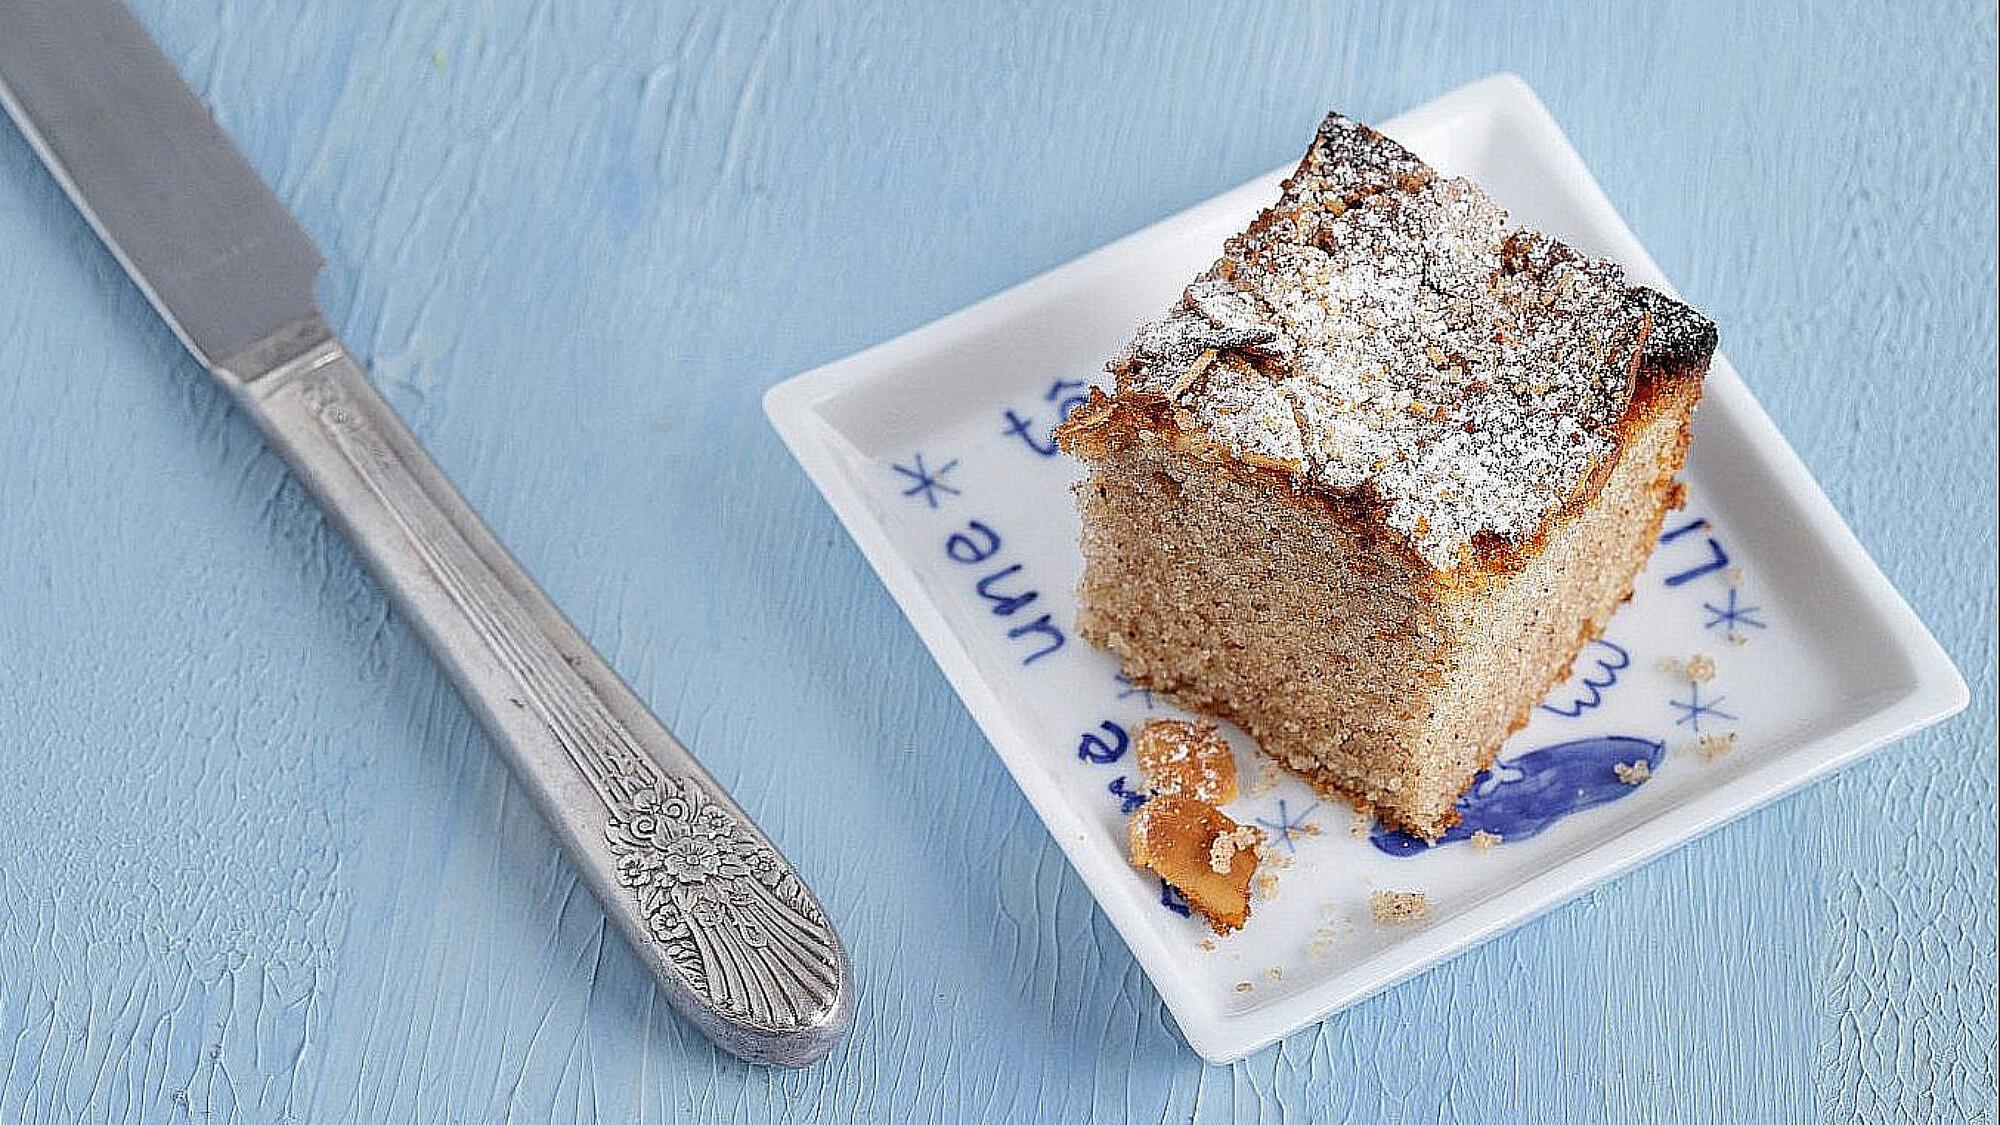 """עוגת אפרת - עוגת שקדים, מייפל וקינמון של נטלי לוין, מתוך ספר הבישול """"הכי טעים בבית"""". צילום: טל סיון צפורין"""